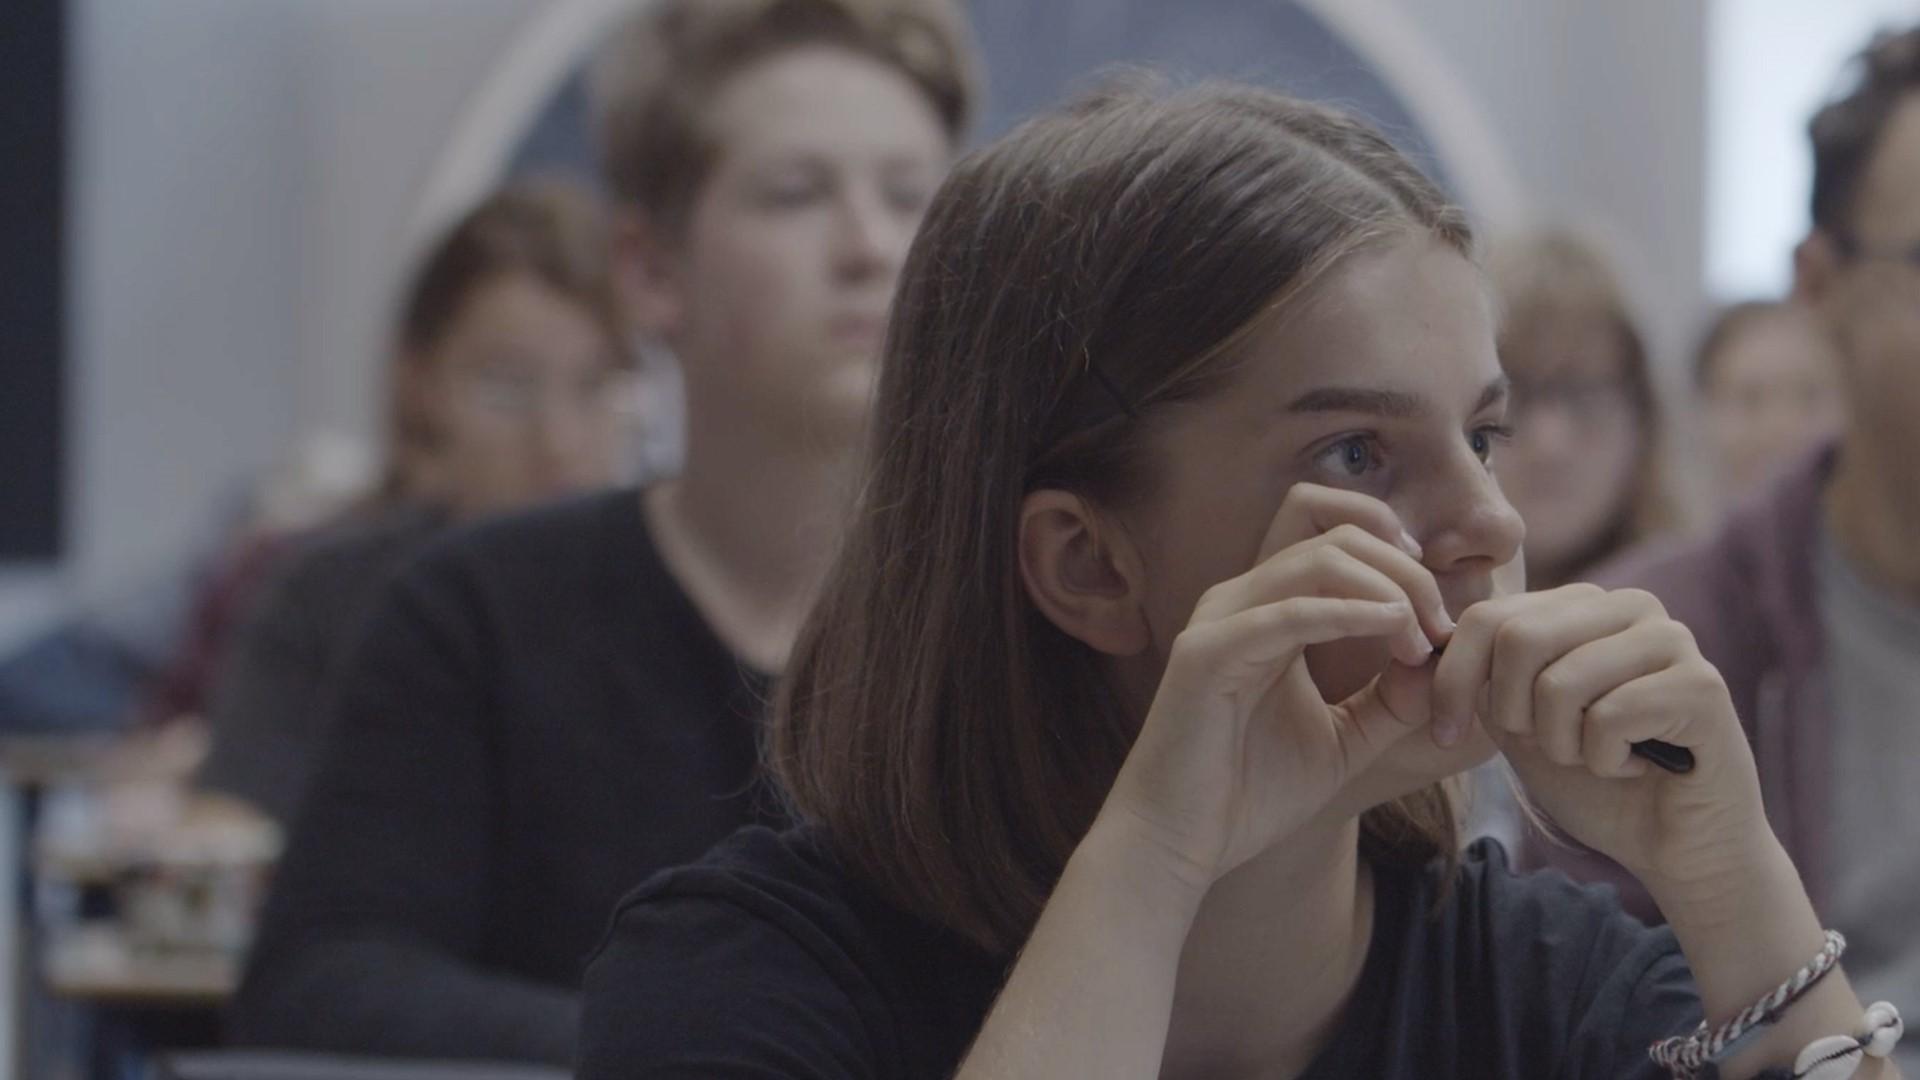 Για 7η συνεχόμενη χρονιά η Αμαλιάδα υποδέχεται το Διεθνές Φεστιβάλ Ντοκιμαντέρ Πελοποννήσου- Οι προβολές στο κτήριο Τατάνη με δωρεάν είσοδο για το κοινό